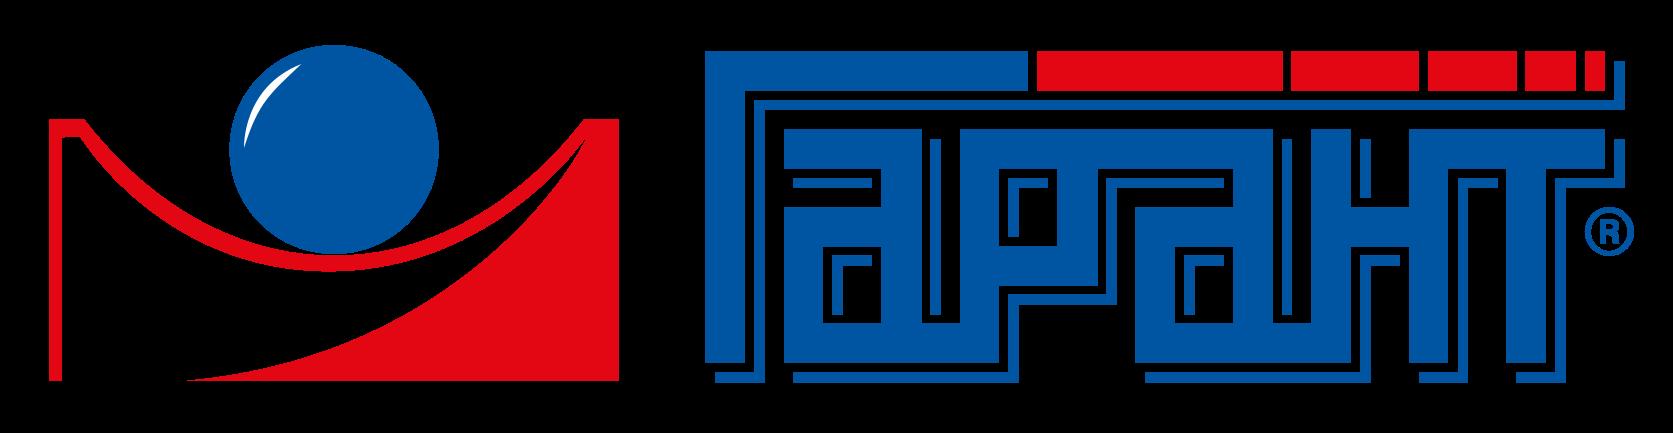 Закон о регистрации ооо 2019г пошаговая инструкция по регистрации ооо самостоятельно